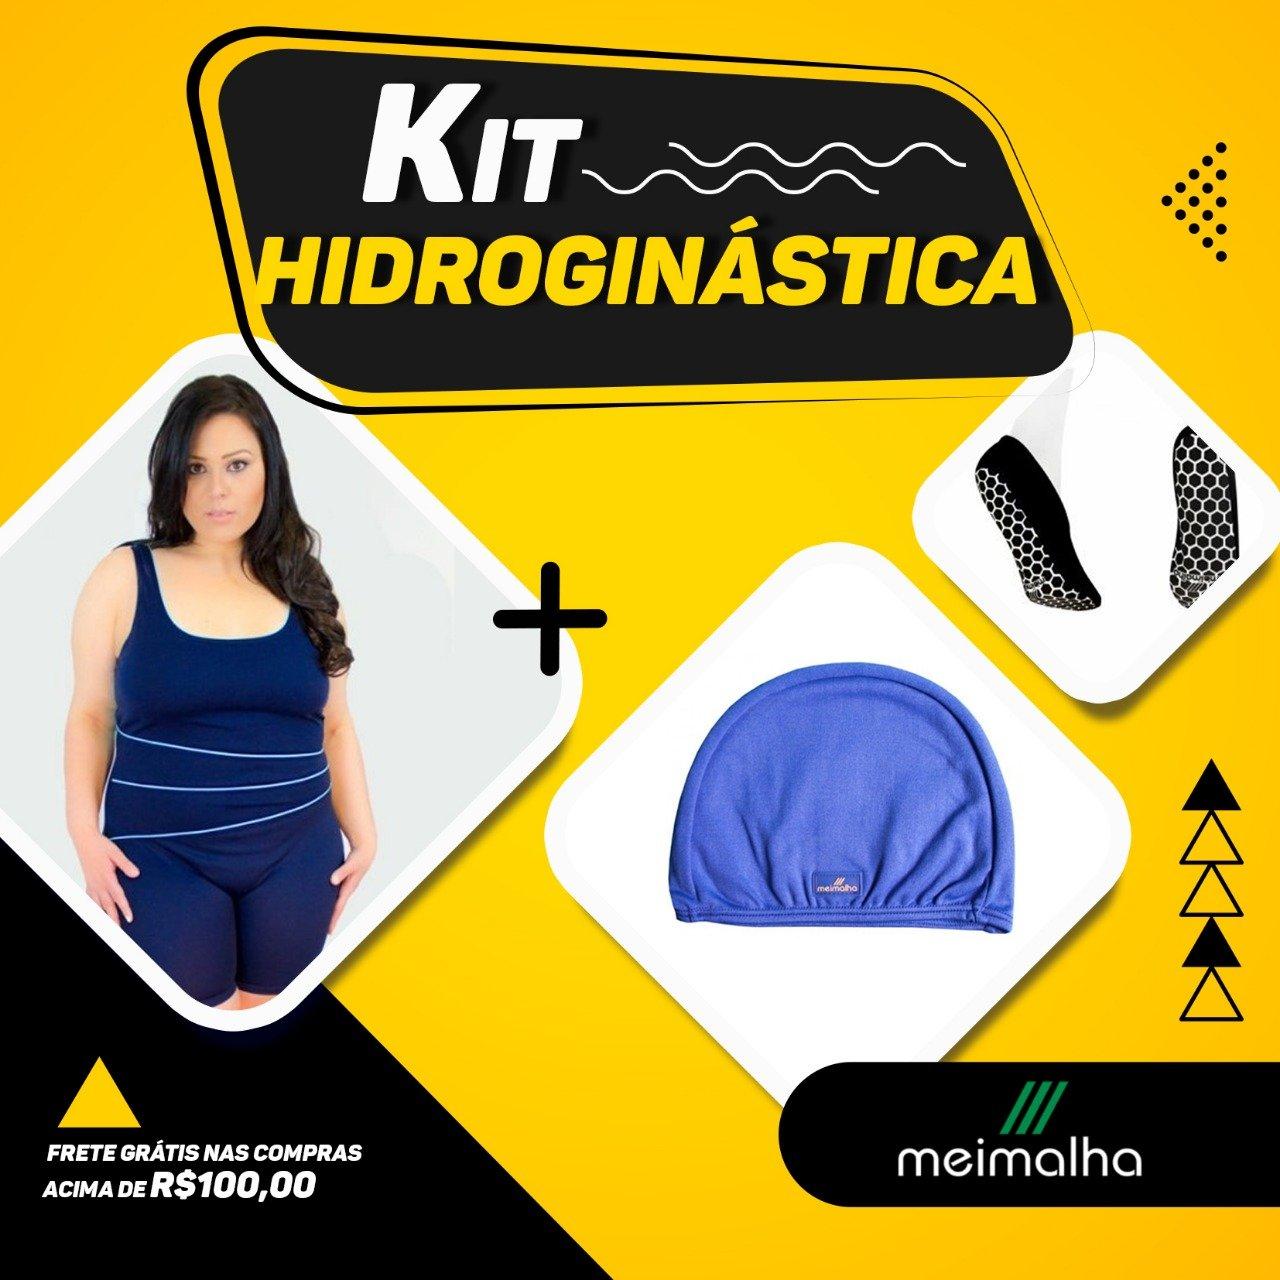 kit 7180 + 1001 + 1013.jpg